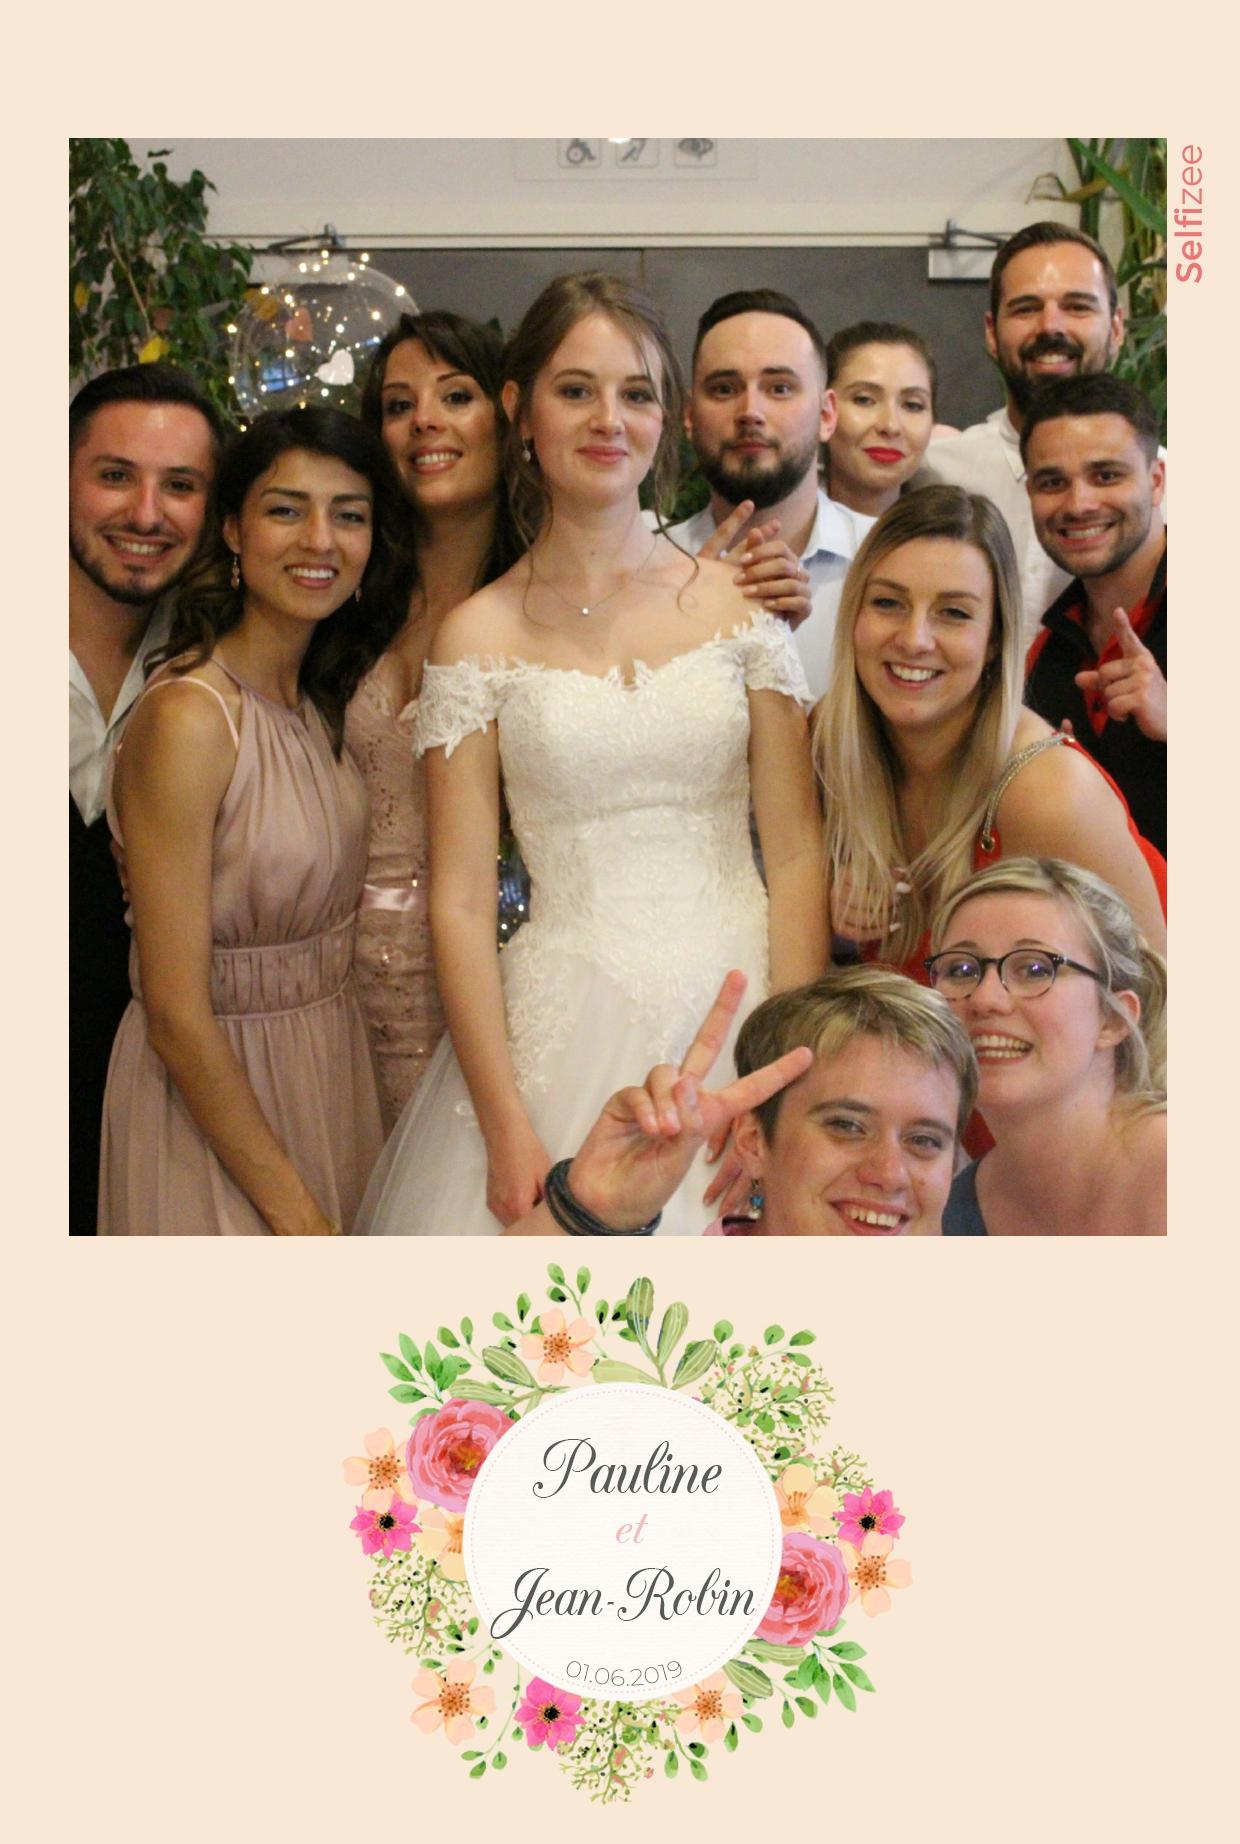 Photo mariage personnalisée avec borne selfie à louer Strasbourg / Bas Rhin pour animation mariage et impressions photos